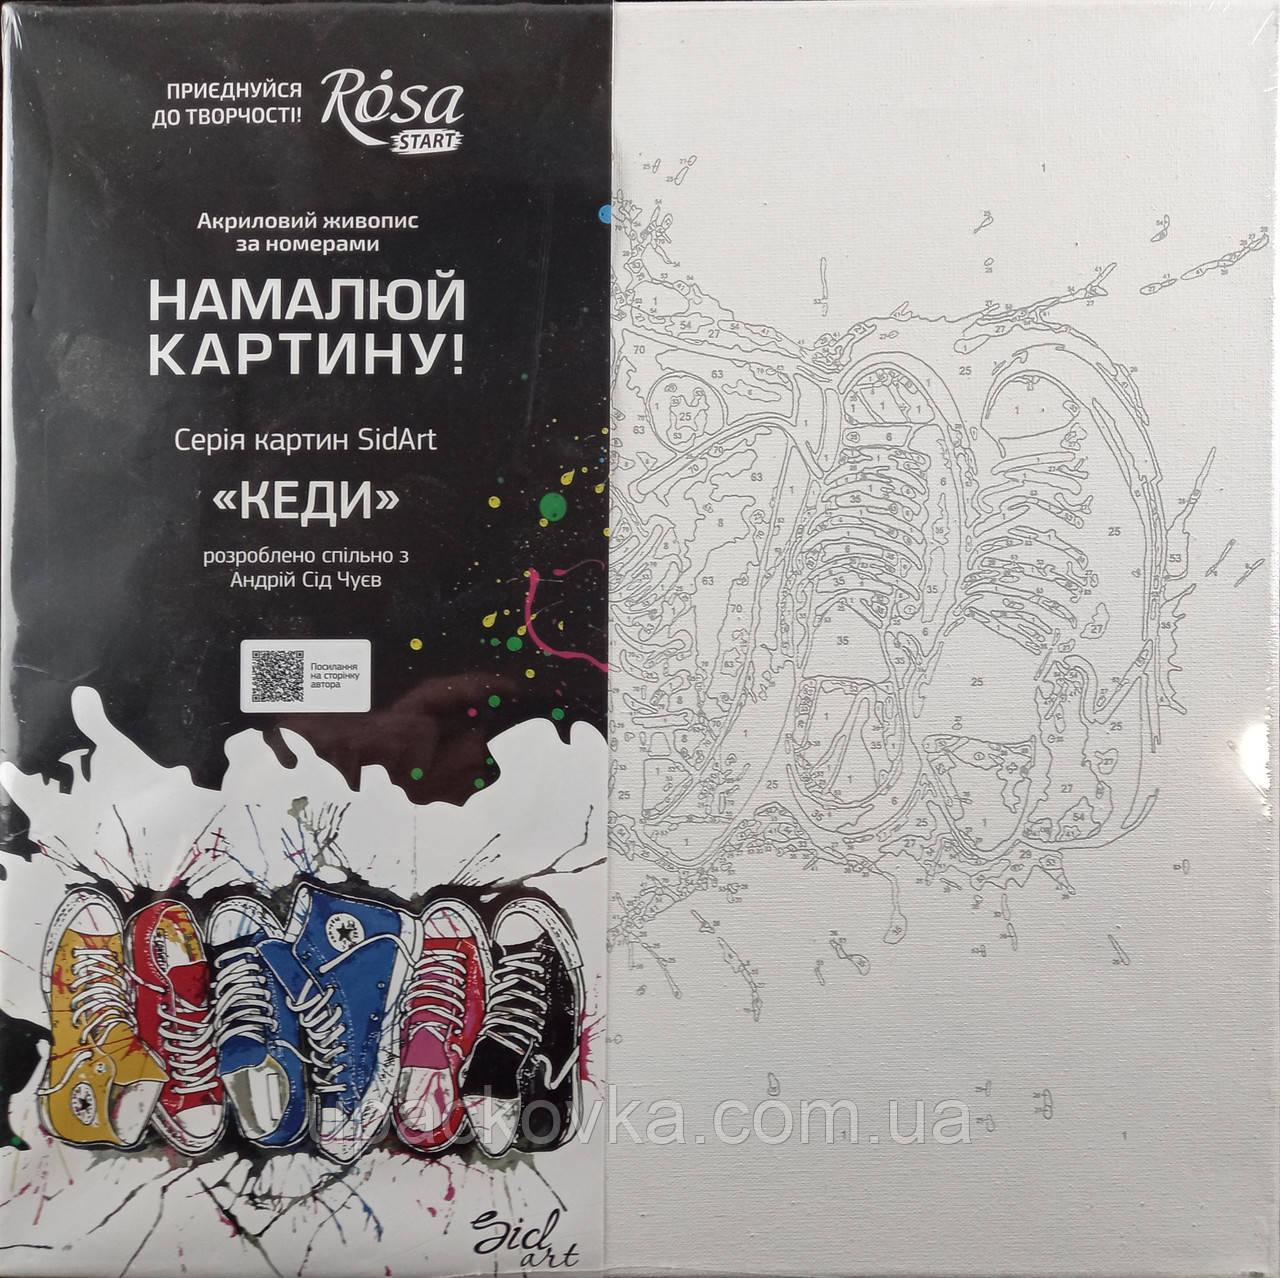 """Набор-стандарт, картина по номерам, """"КЕДЫ"""", 30х30см, ROSA START"""